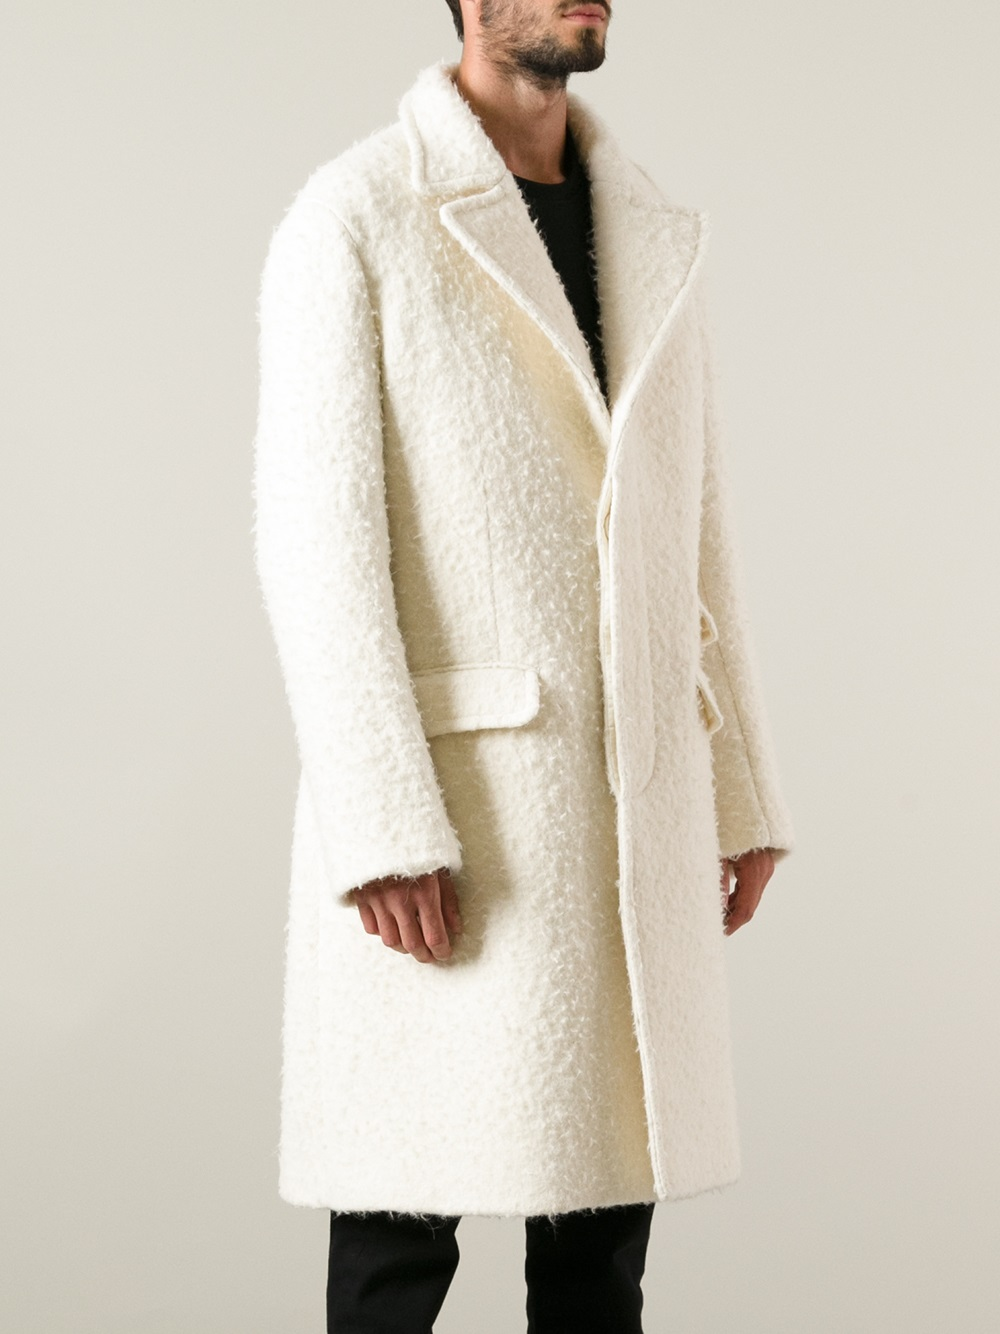 Lyst Neil Barrett Single Breasted Overcoat In White For Men